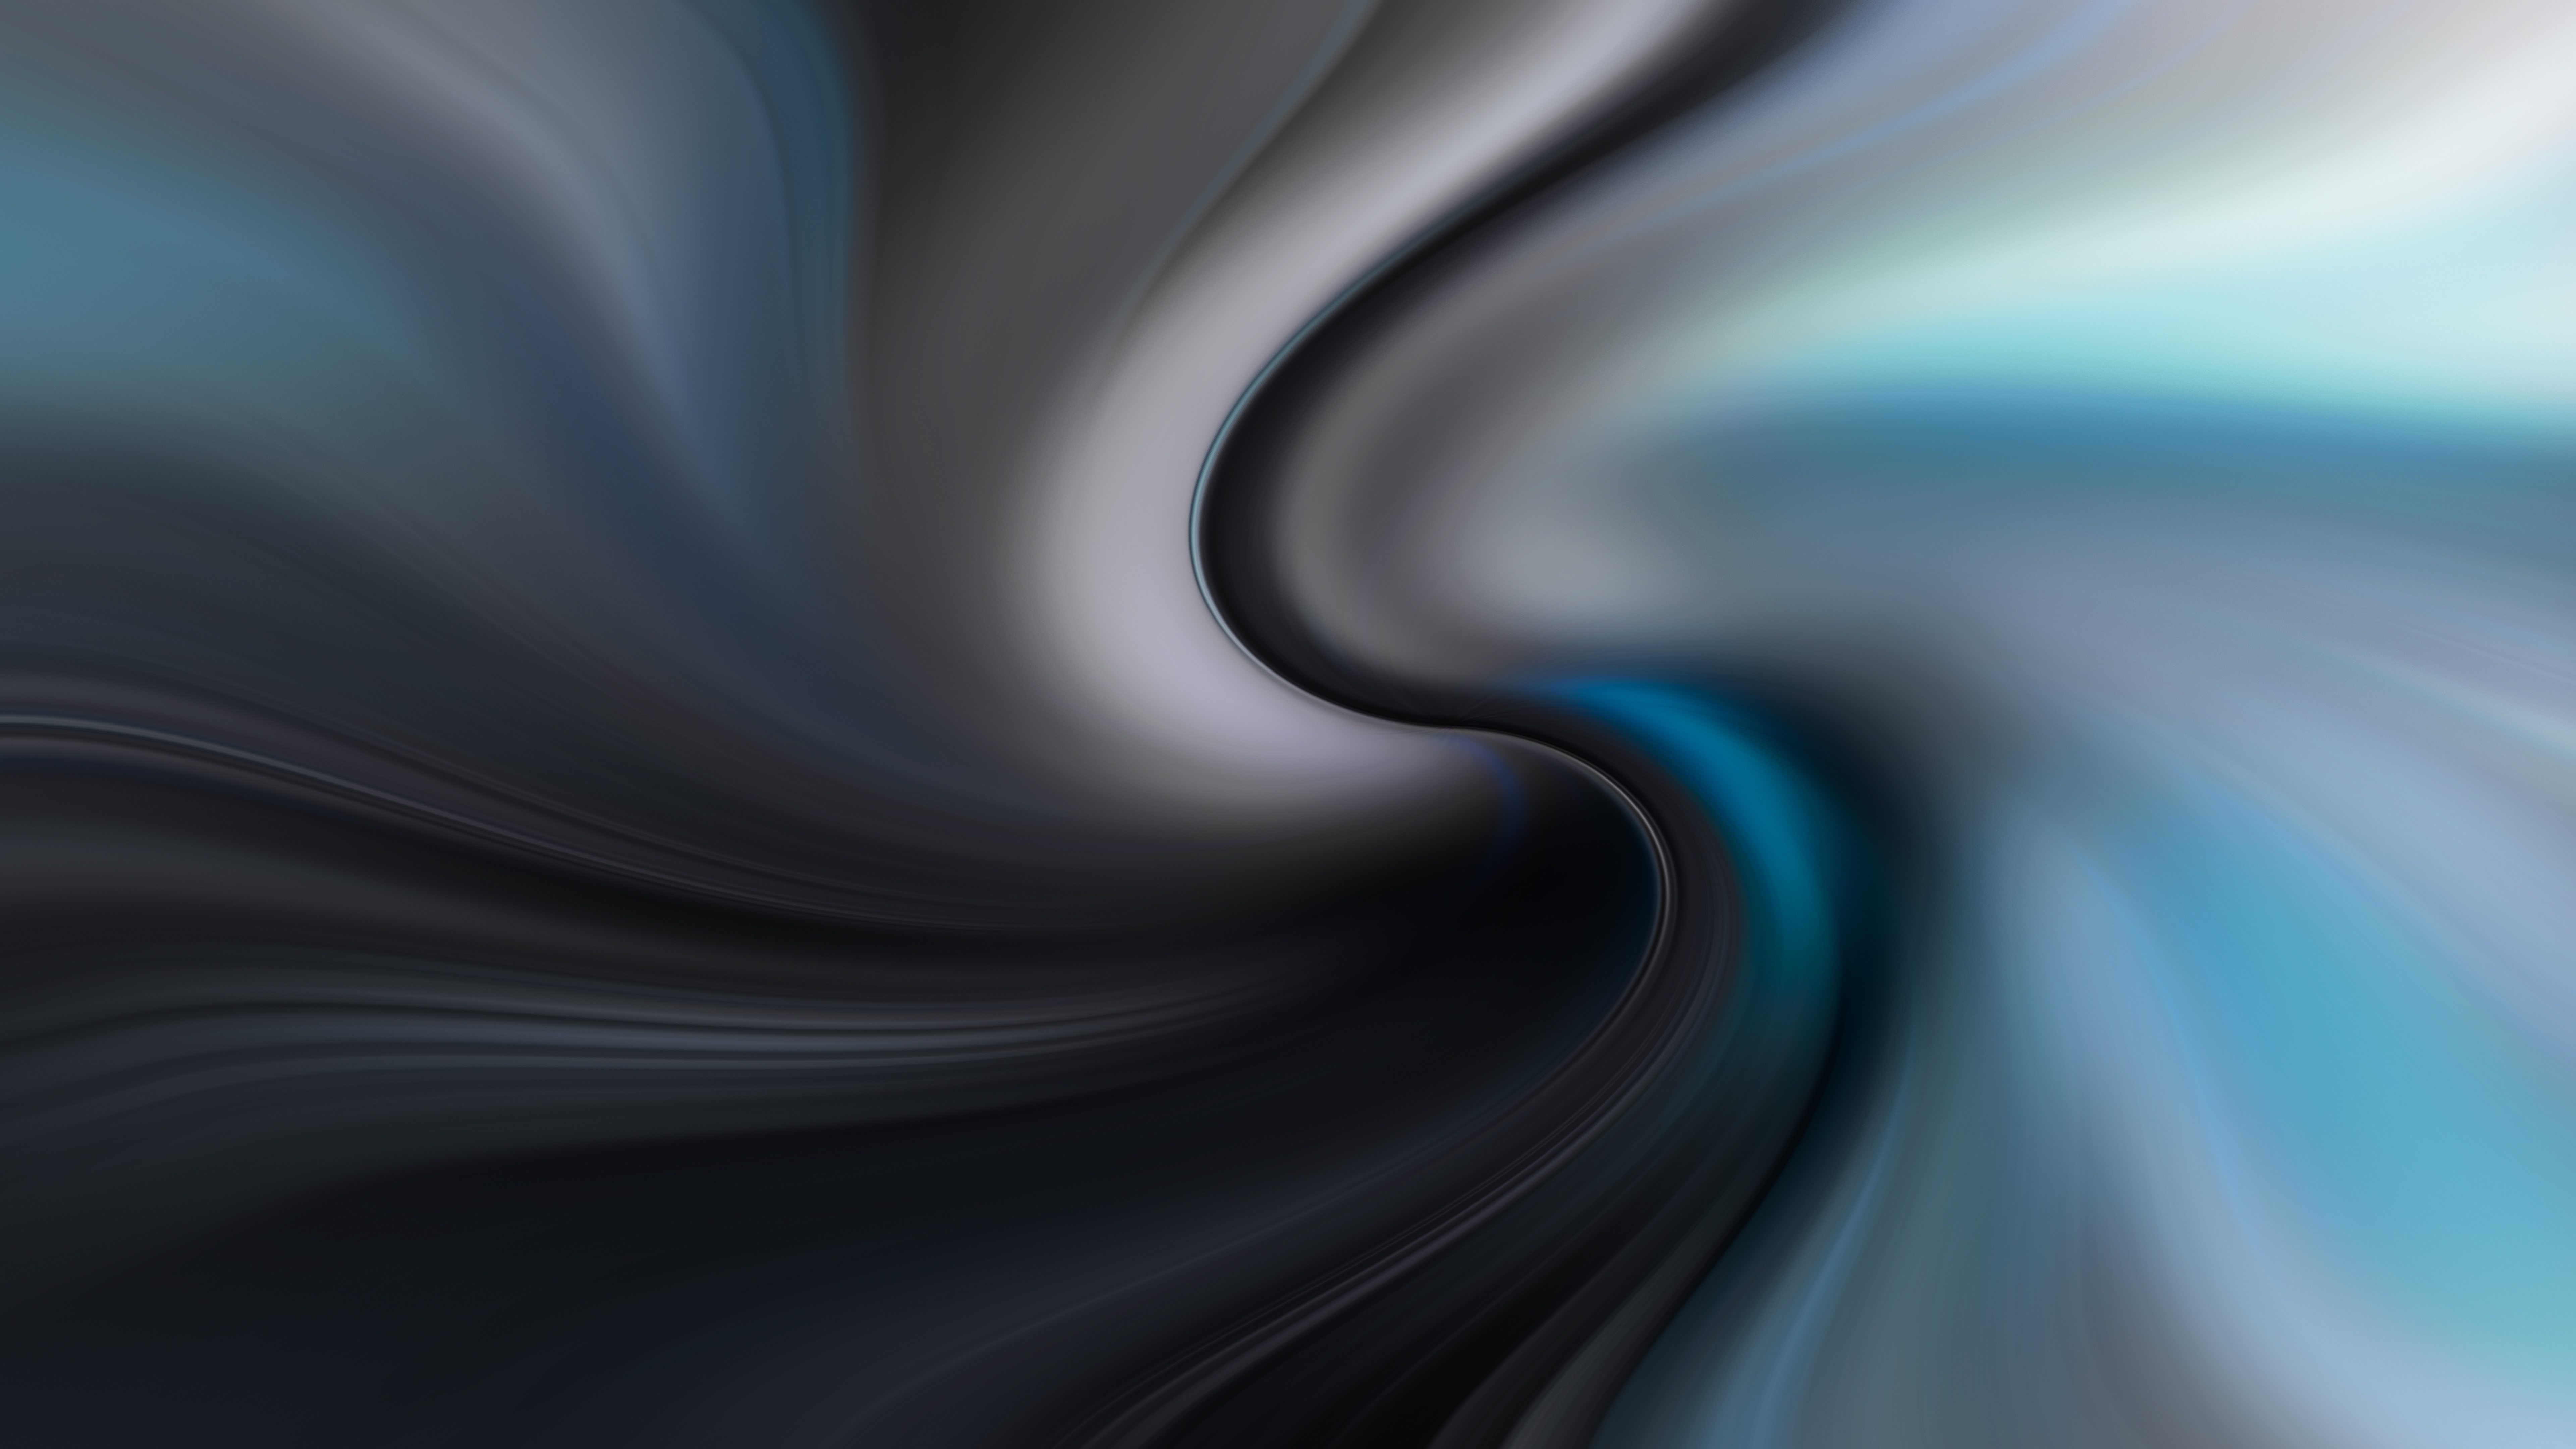 Fondos de pantalla Movimiento de colores abstracto